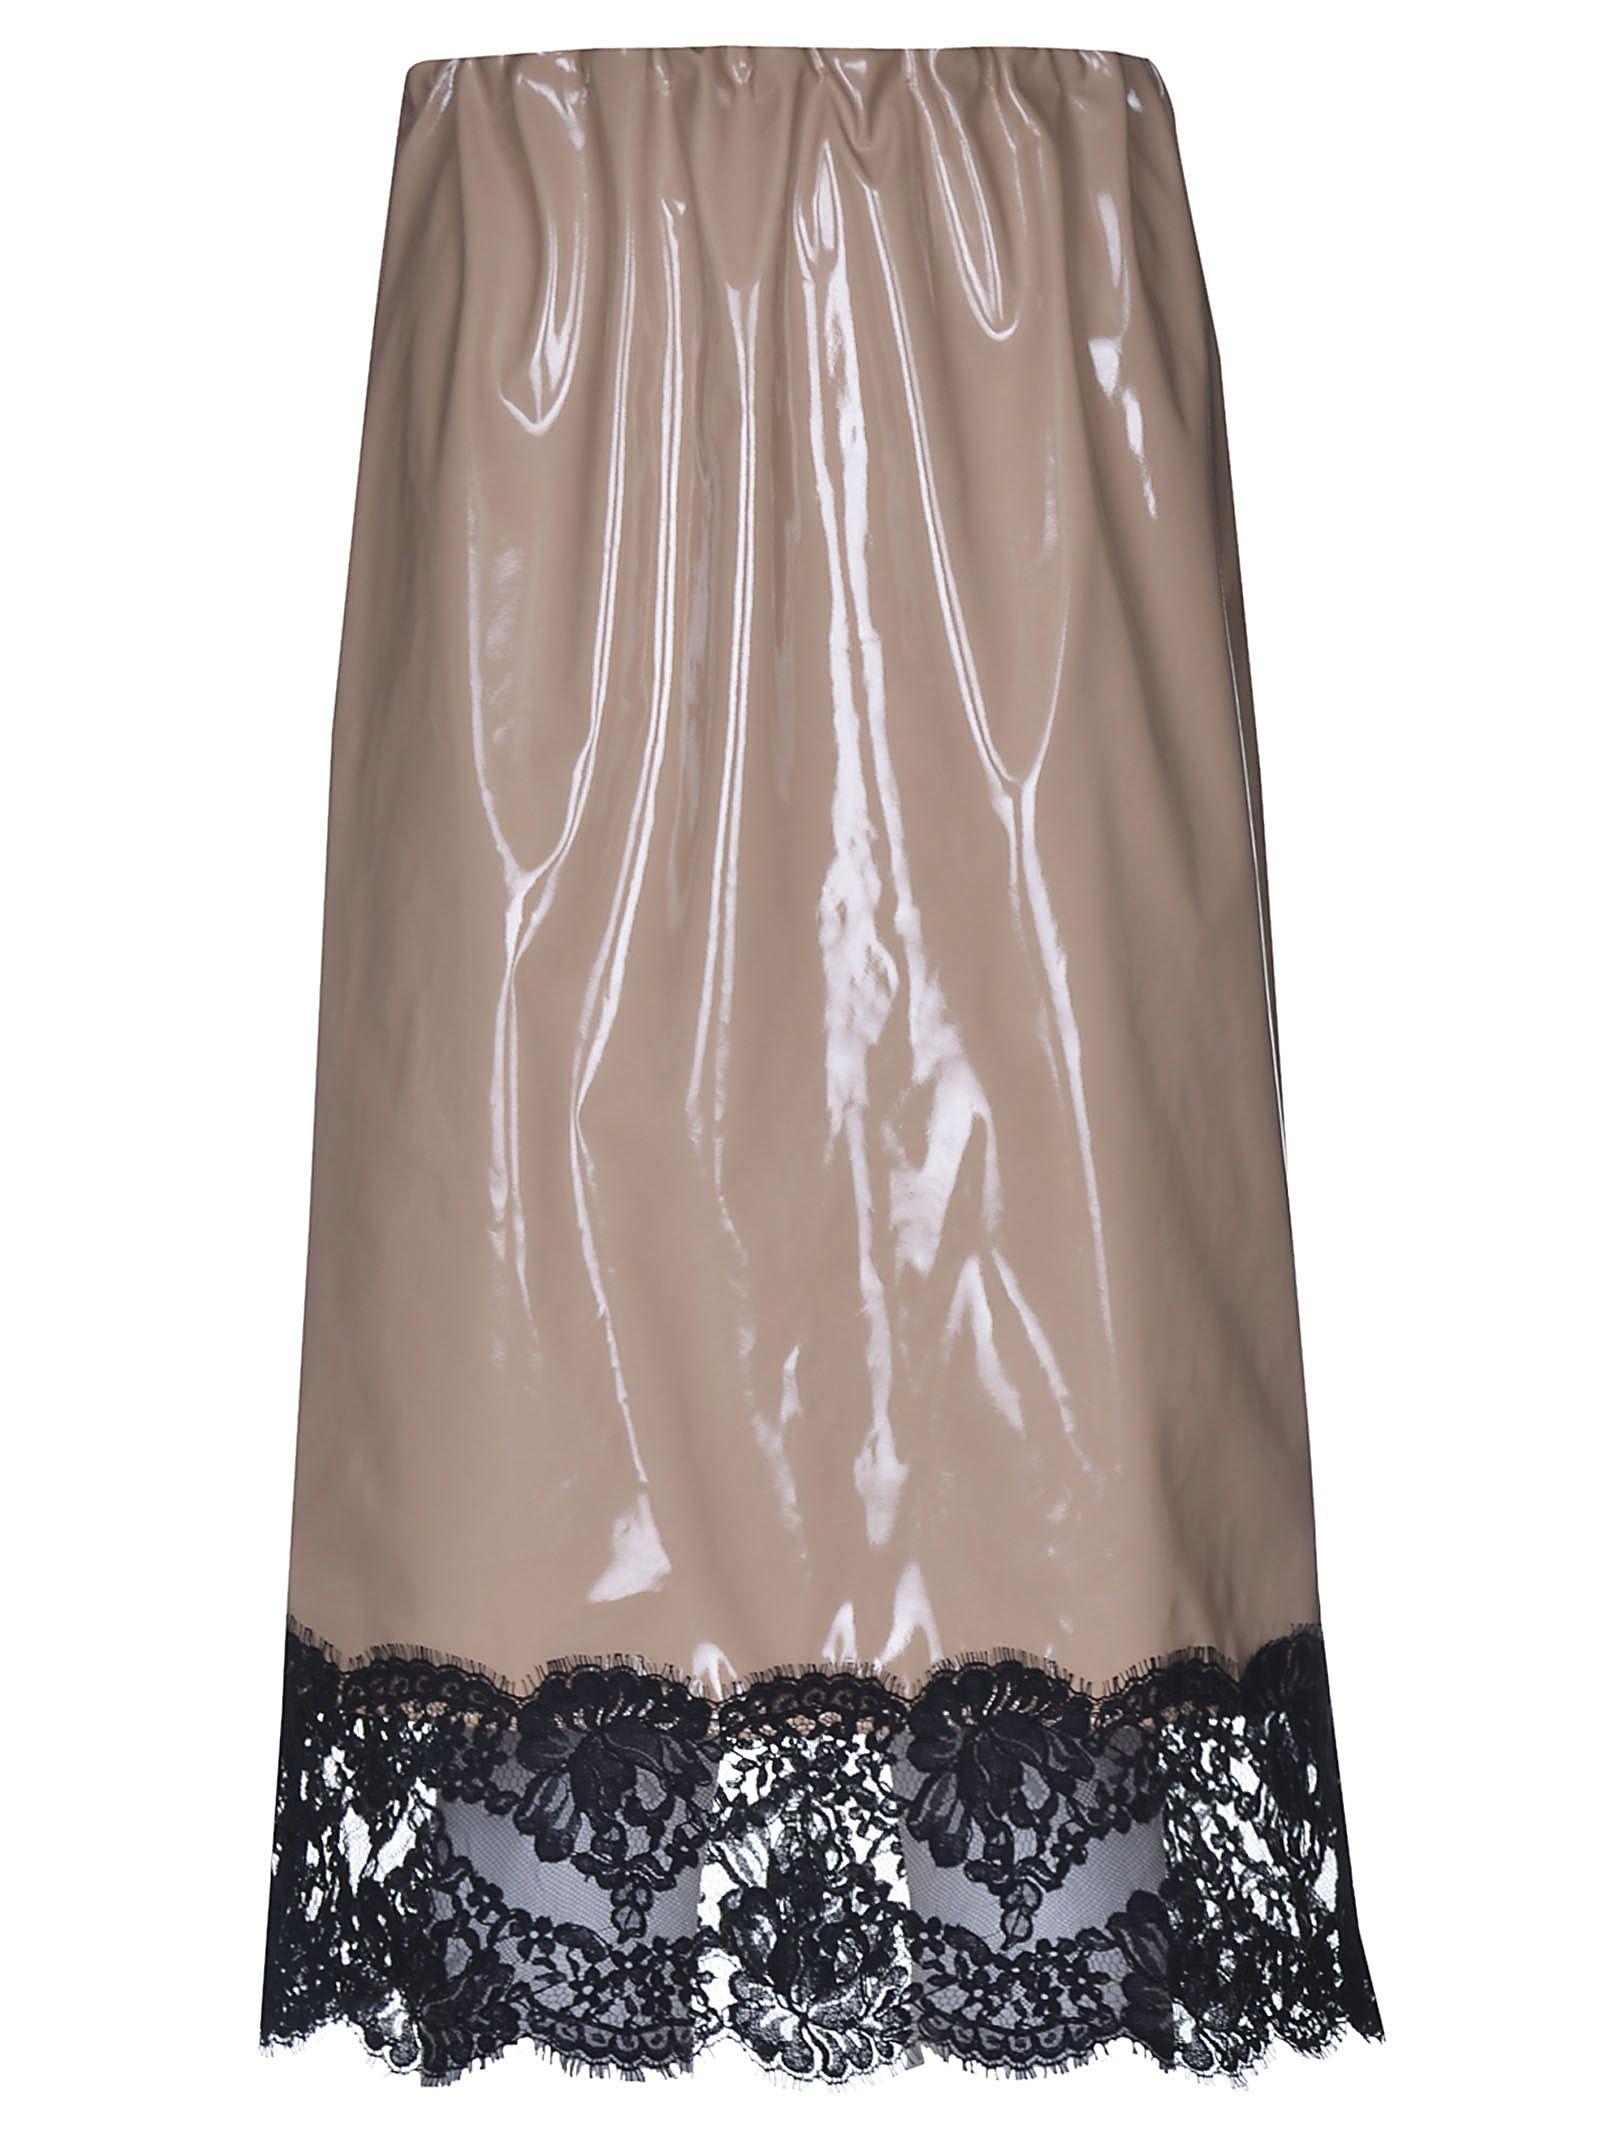 n.21 -  Vinyl Laced Skirt